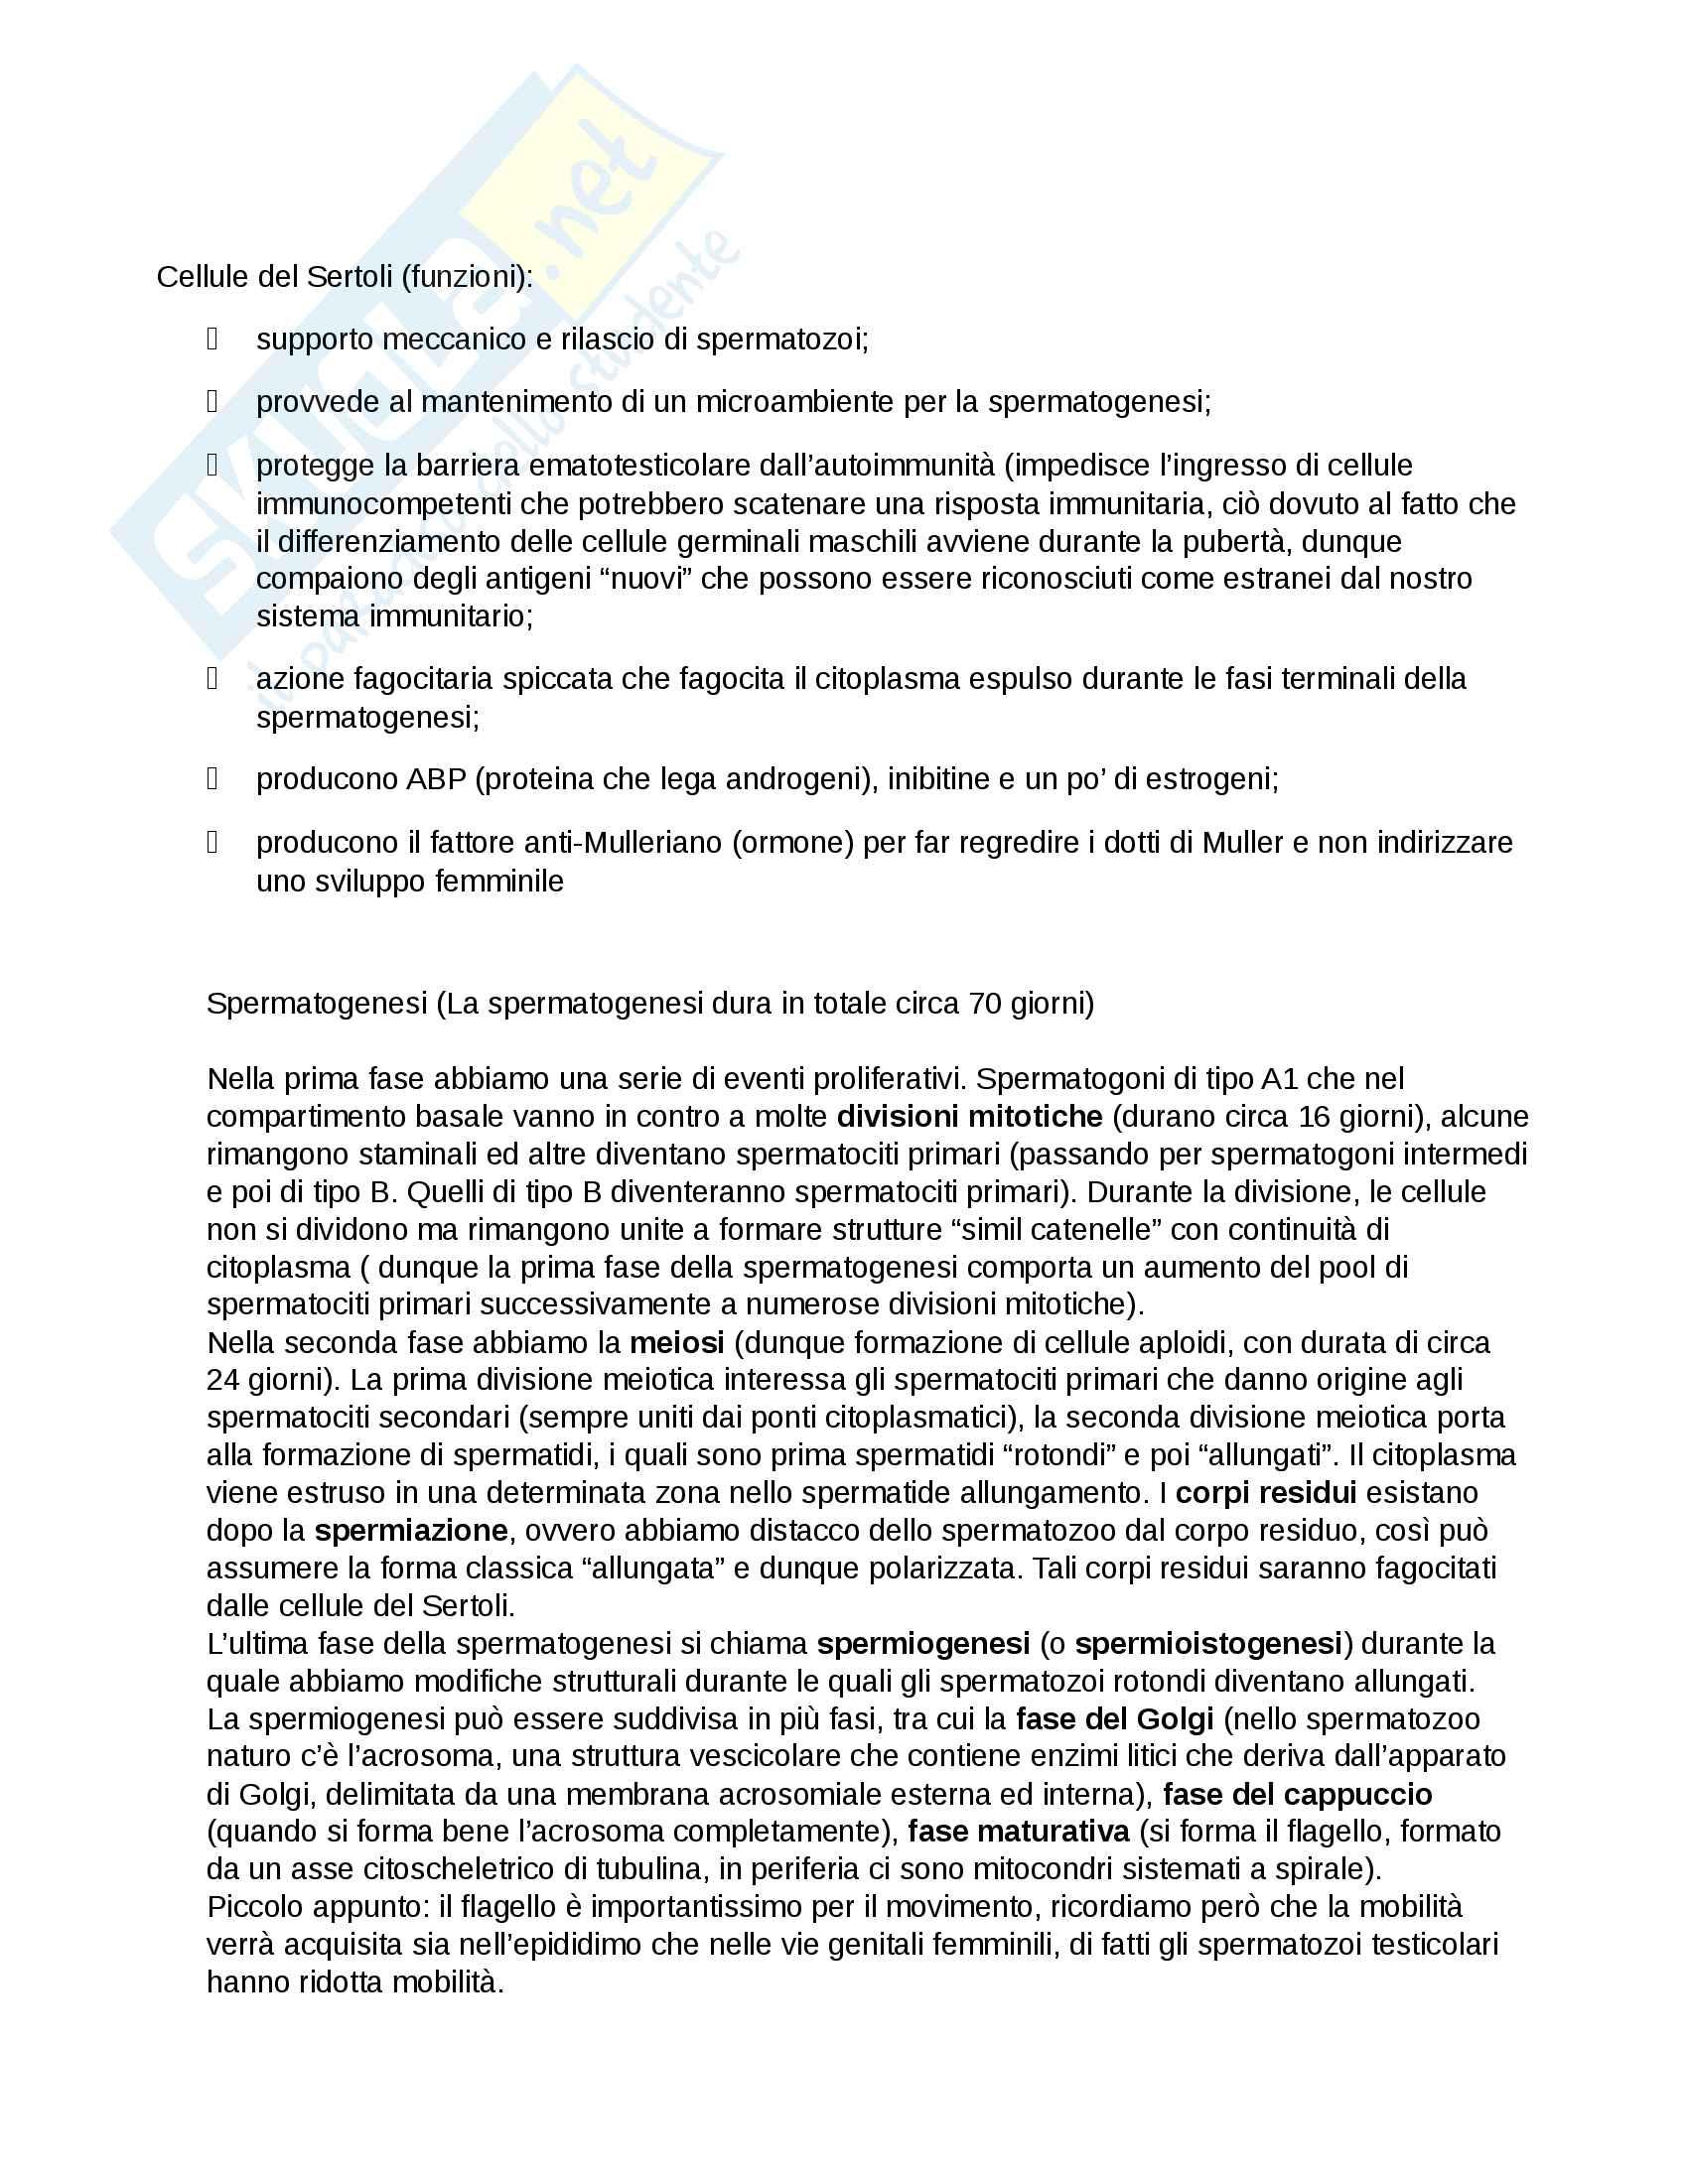 Embriologia Pag. 2